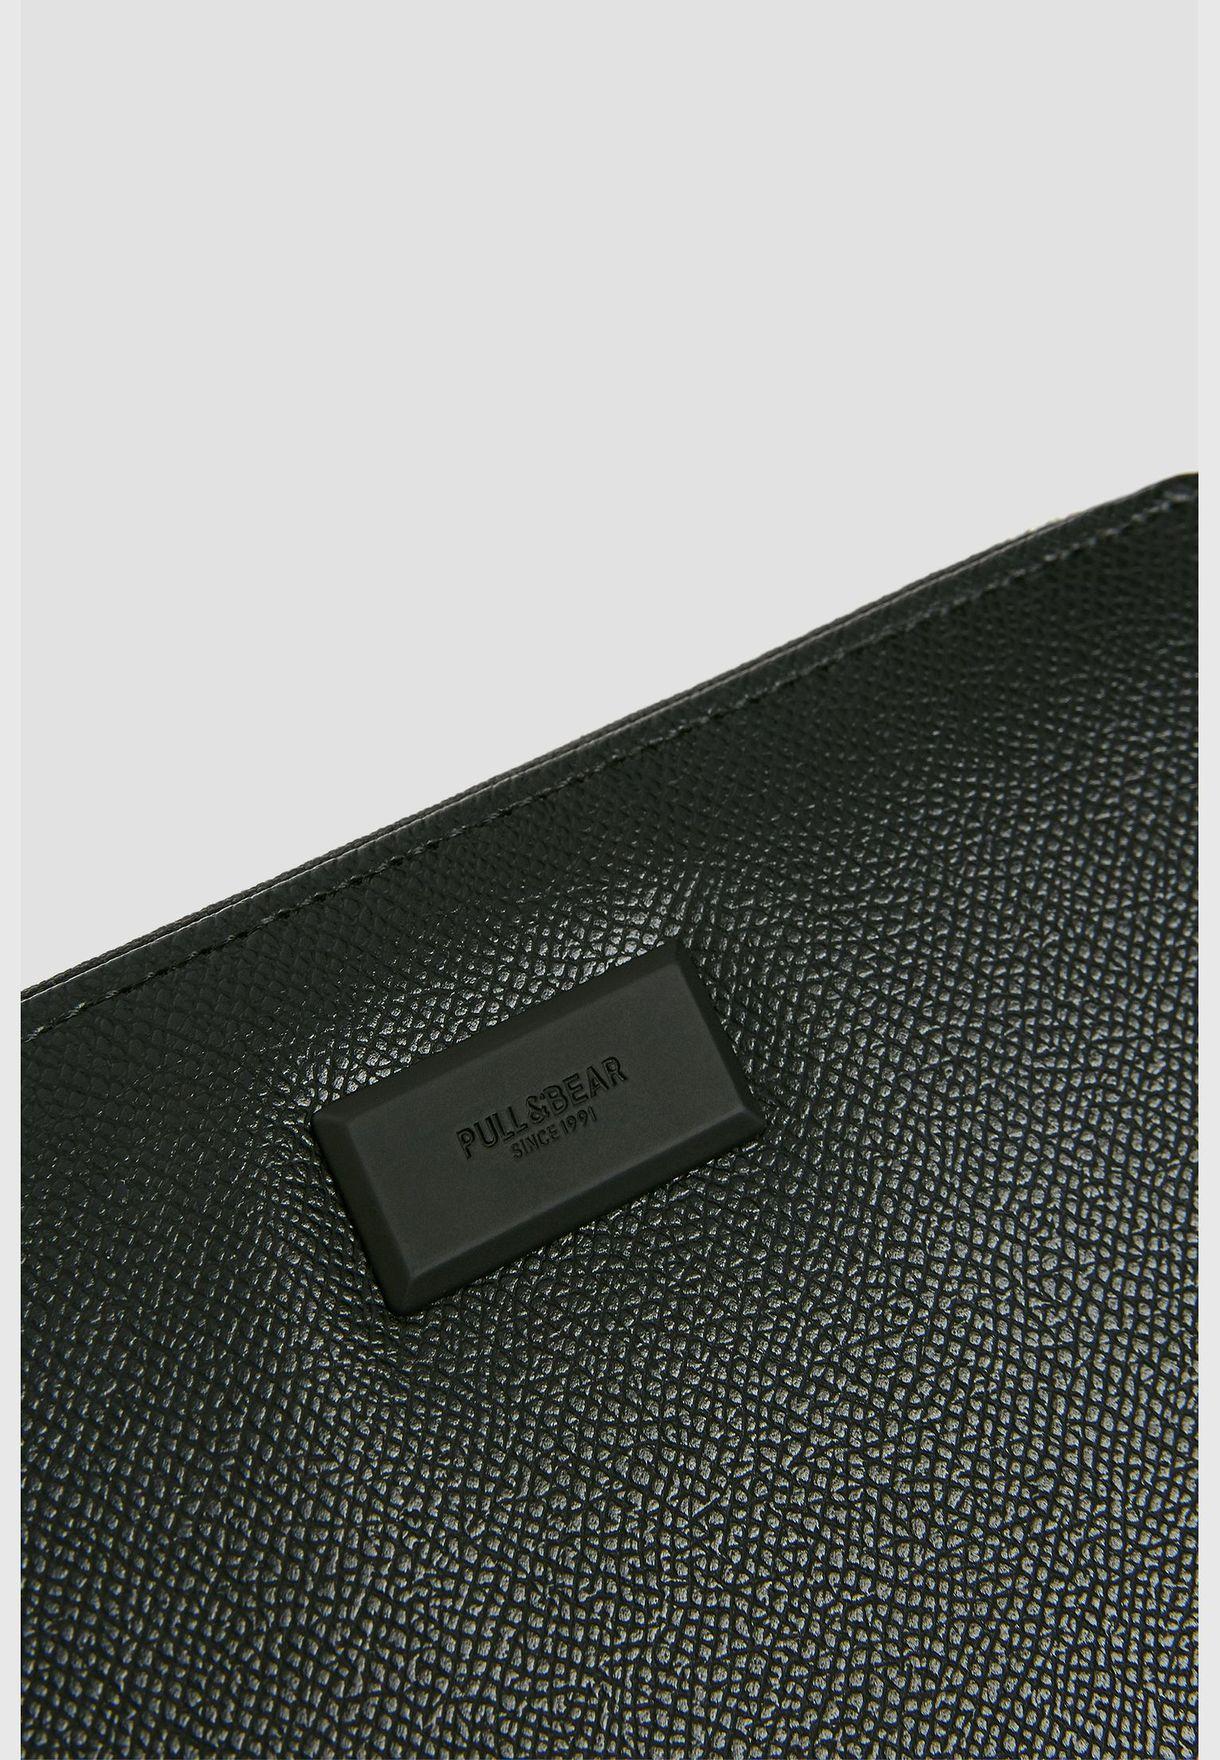 محفظة سوداء بمظهر بارز